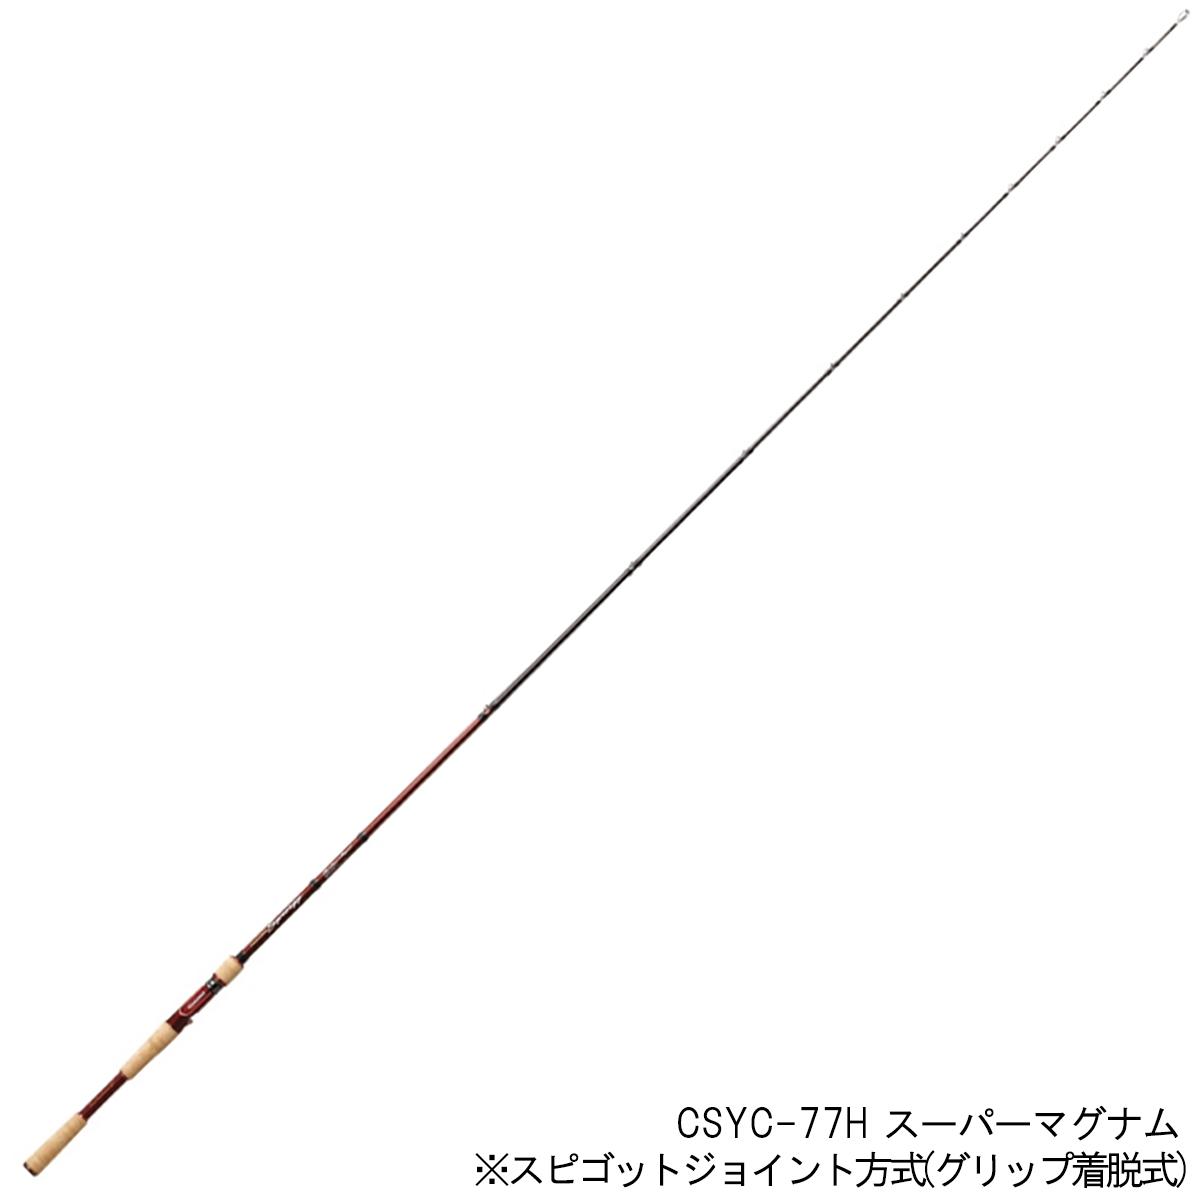 エバーグリーン(EVERGREEN) シナジー CSYC-77H スーパーマグナム【大型商品】